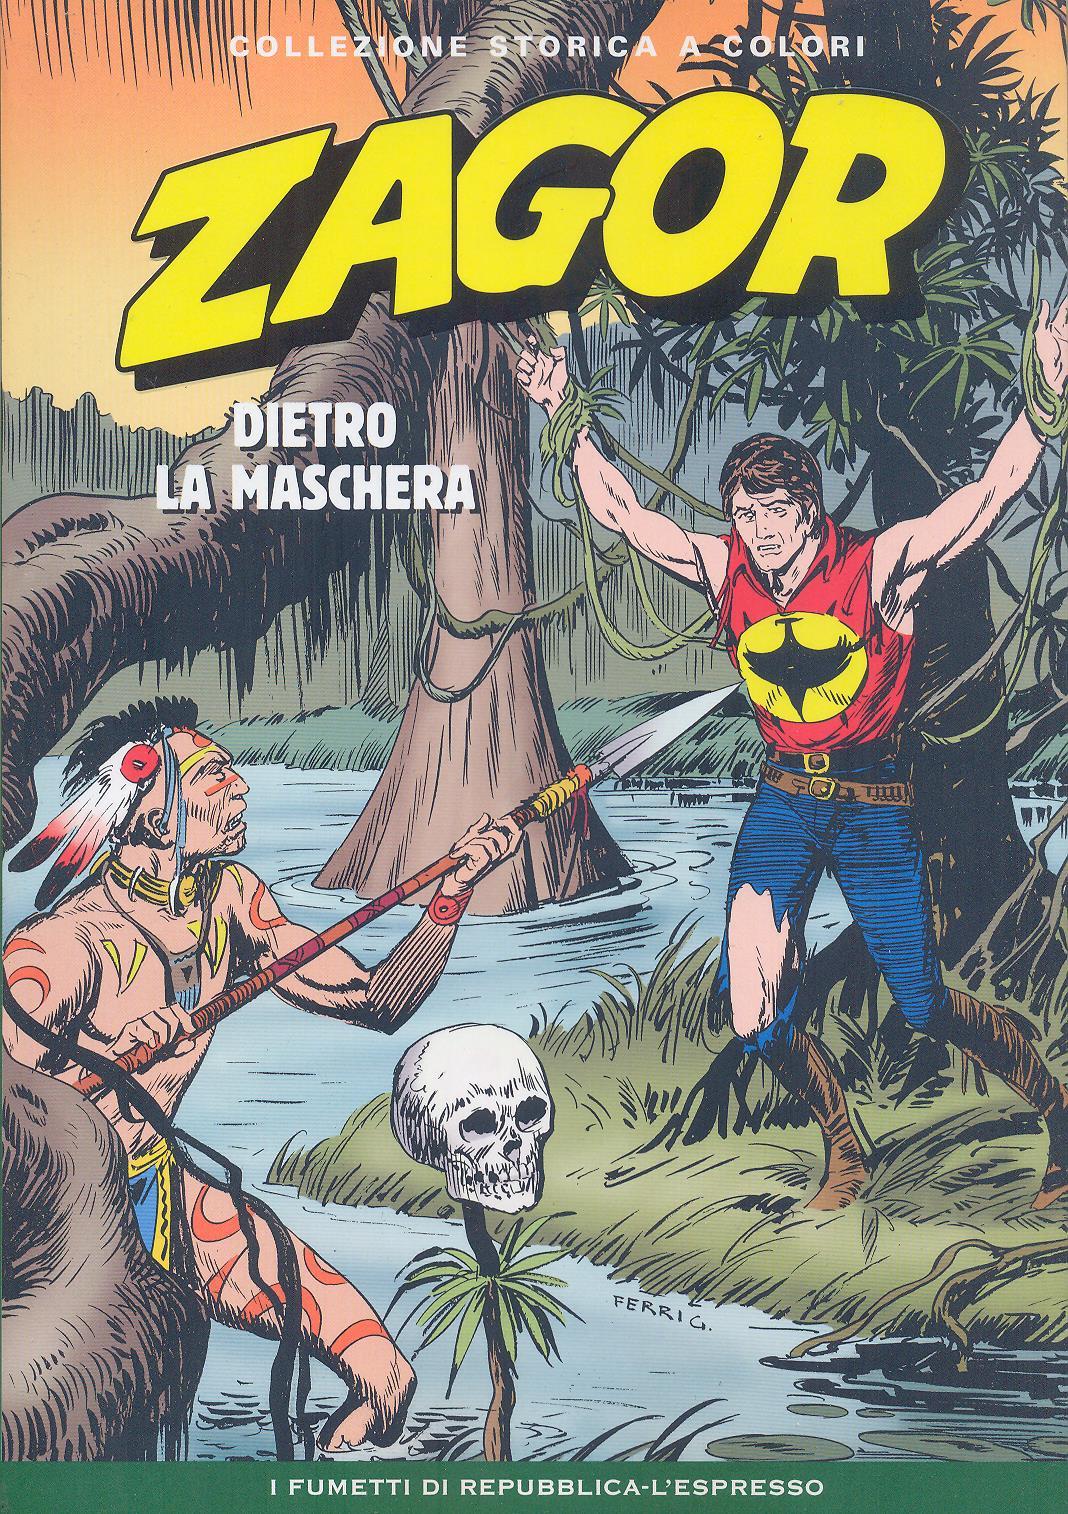 Zagor collezione storica a colori n. 79